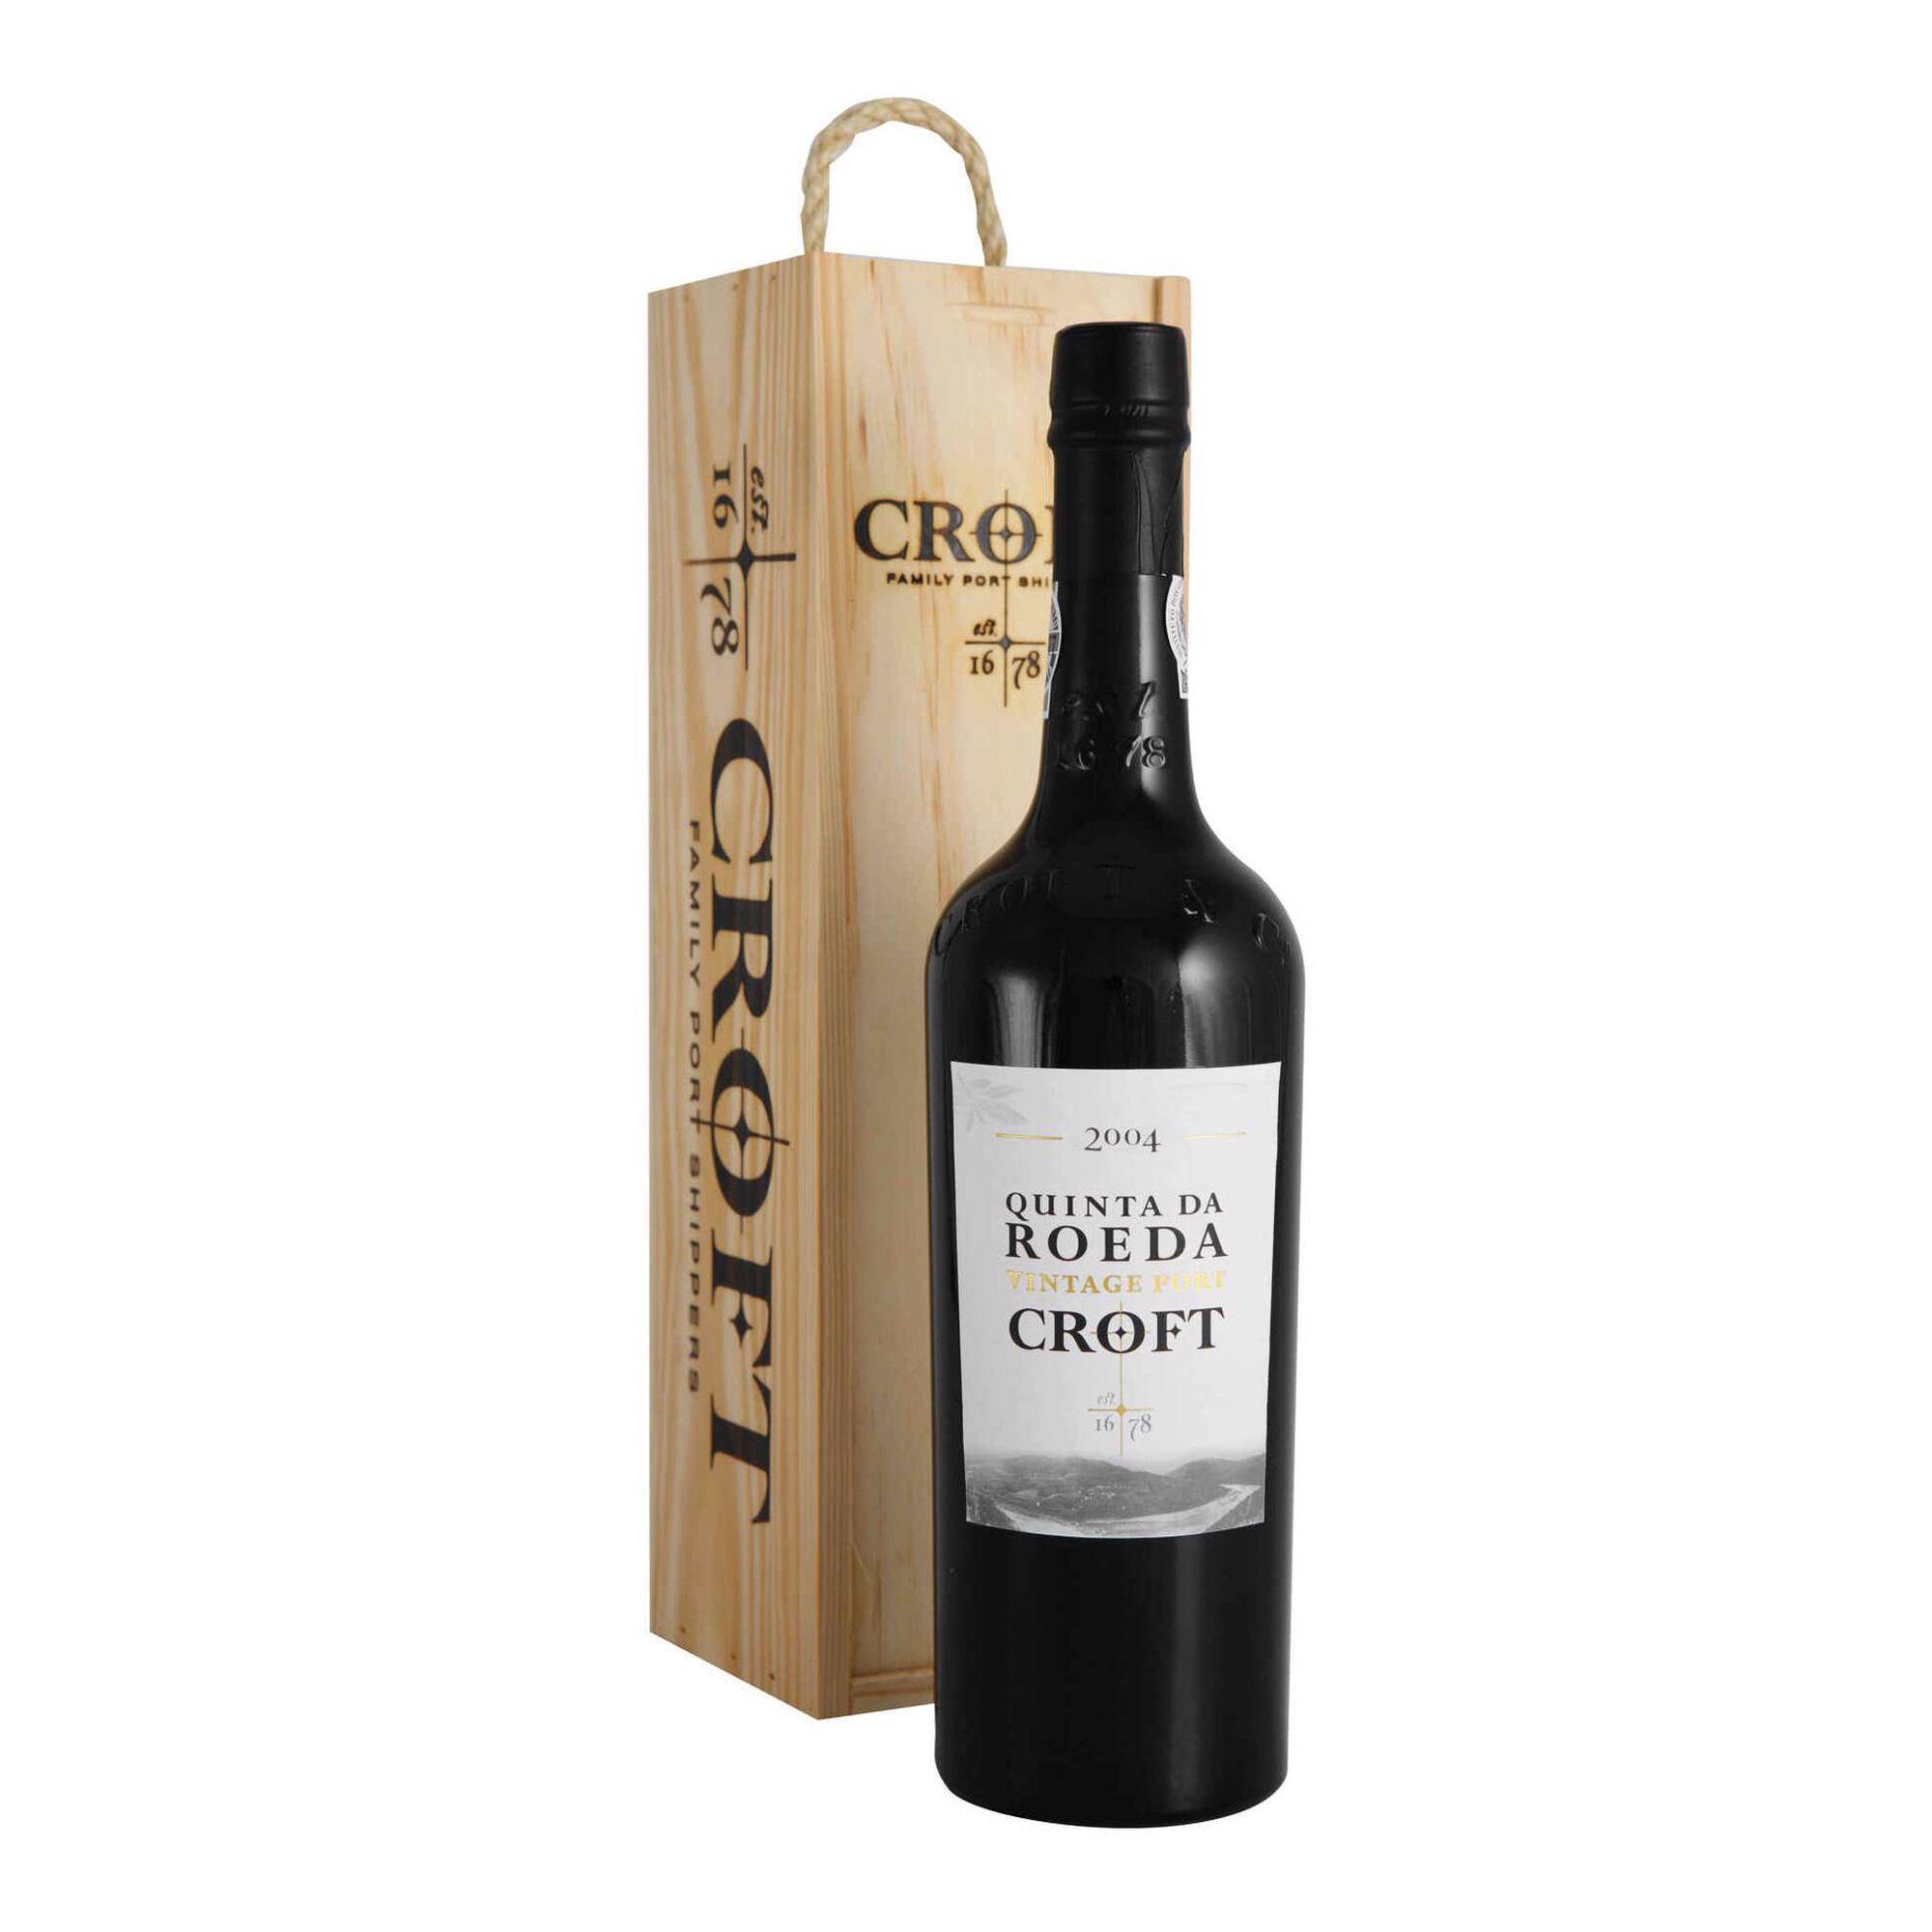 Croft Quinta da Roeda Vinho do Porto Vintage